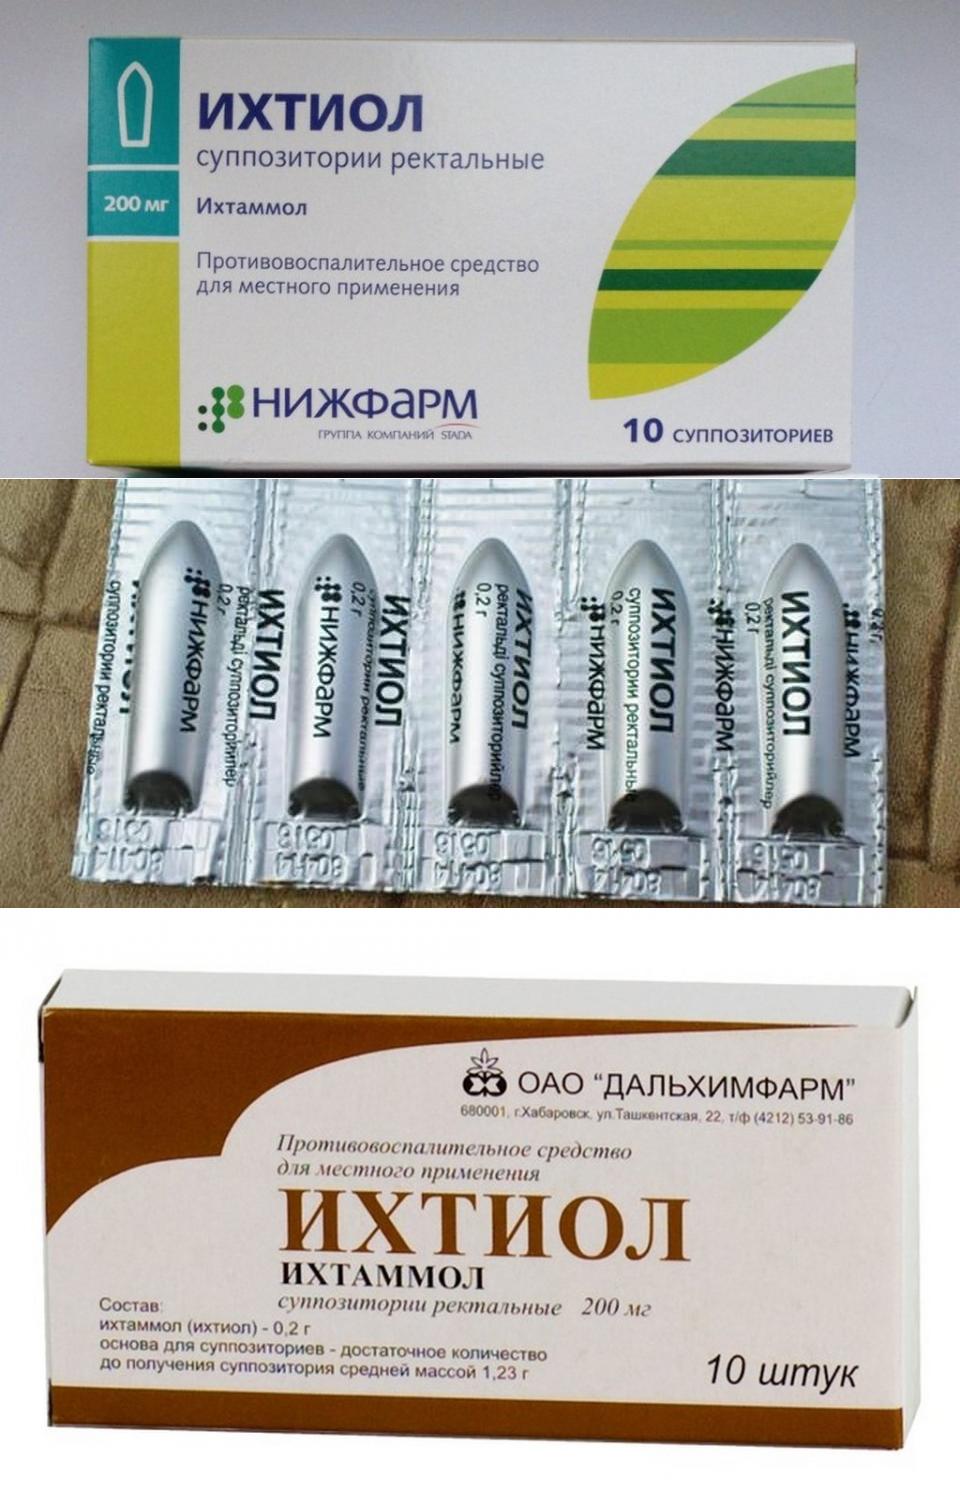 Ихтиоловые свечи: использование препарата в гинекологии и урологии